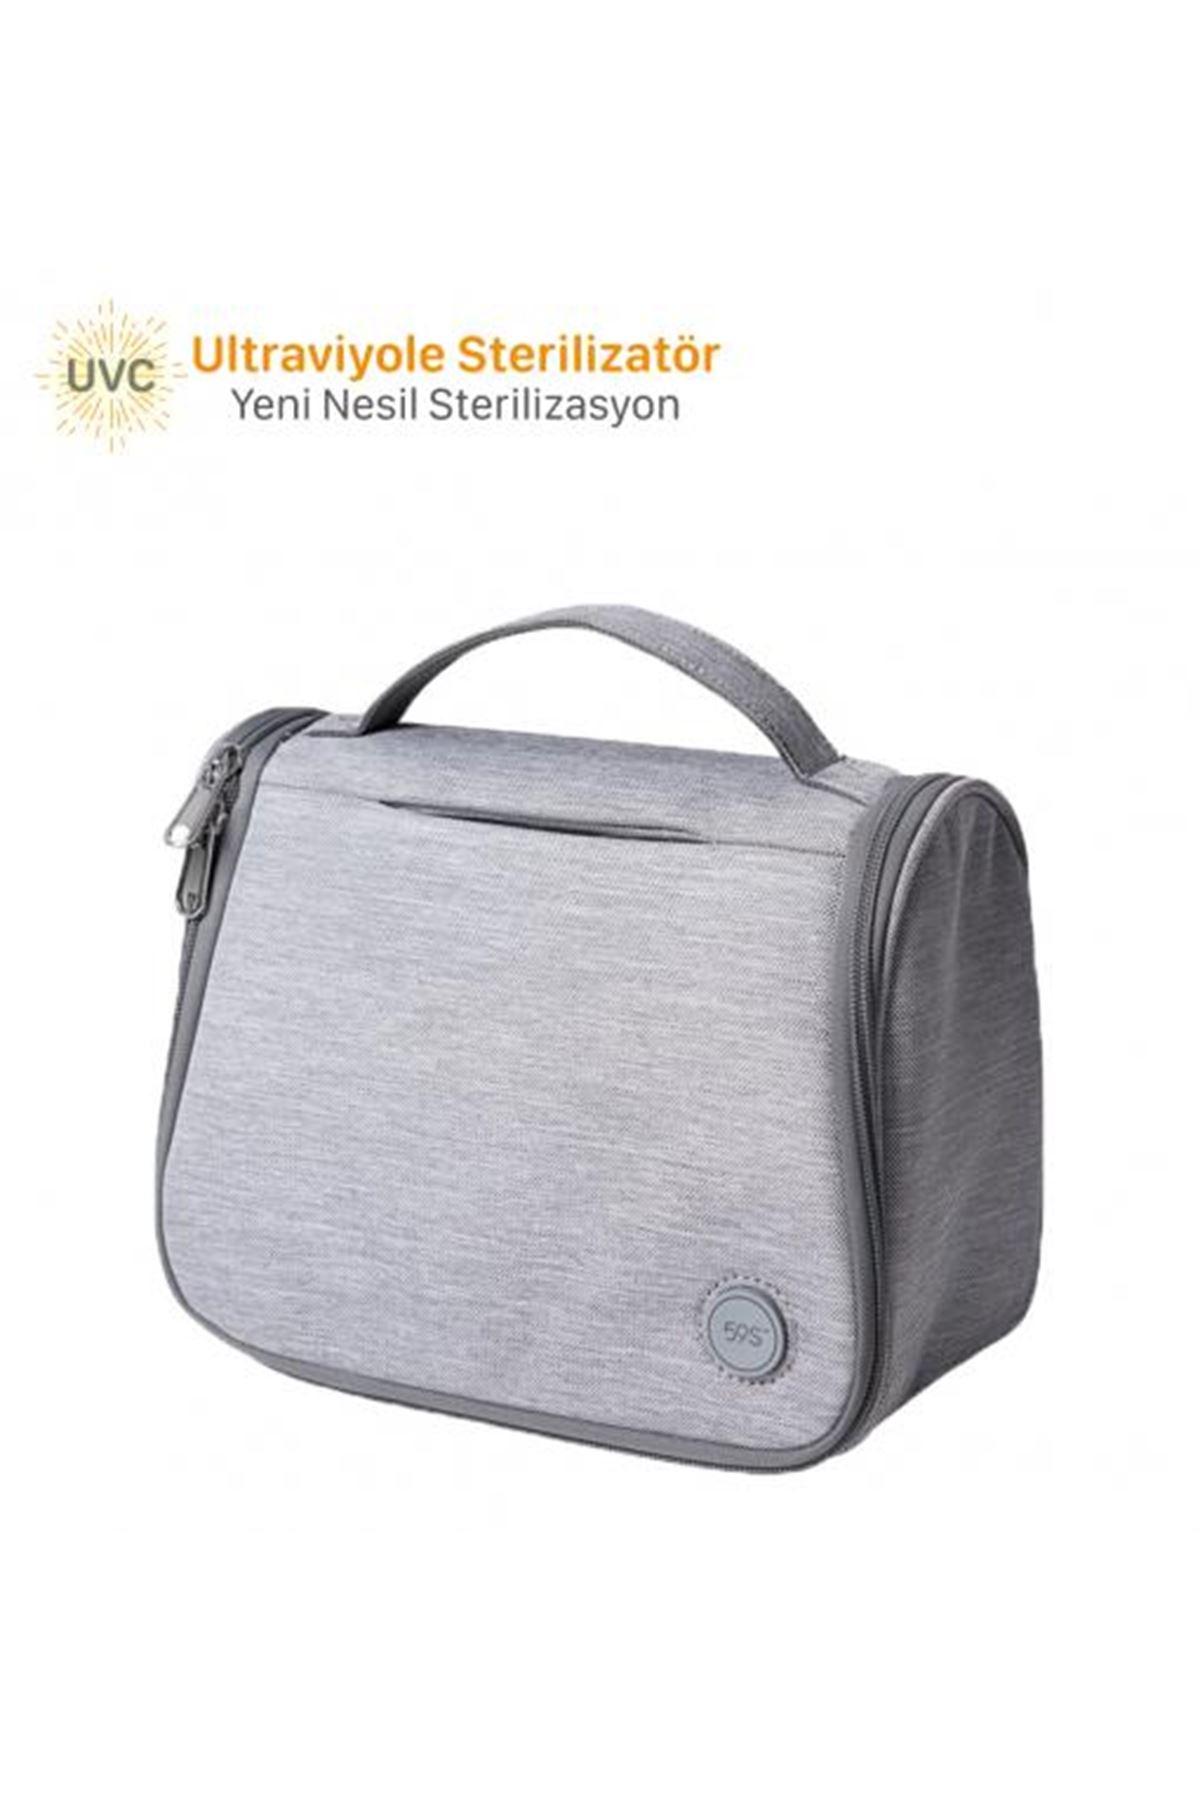 59S P11 Ultraviyole Çok Fonksiyonlu Sterilizasyon Çantası (UVC)